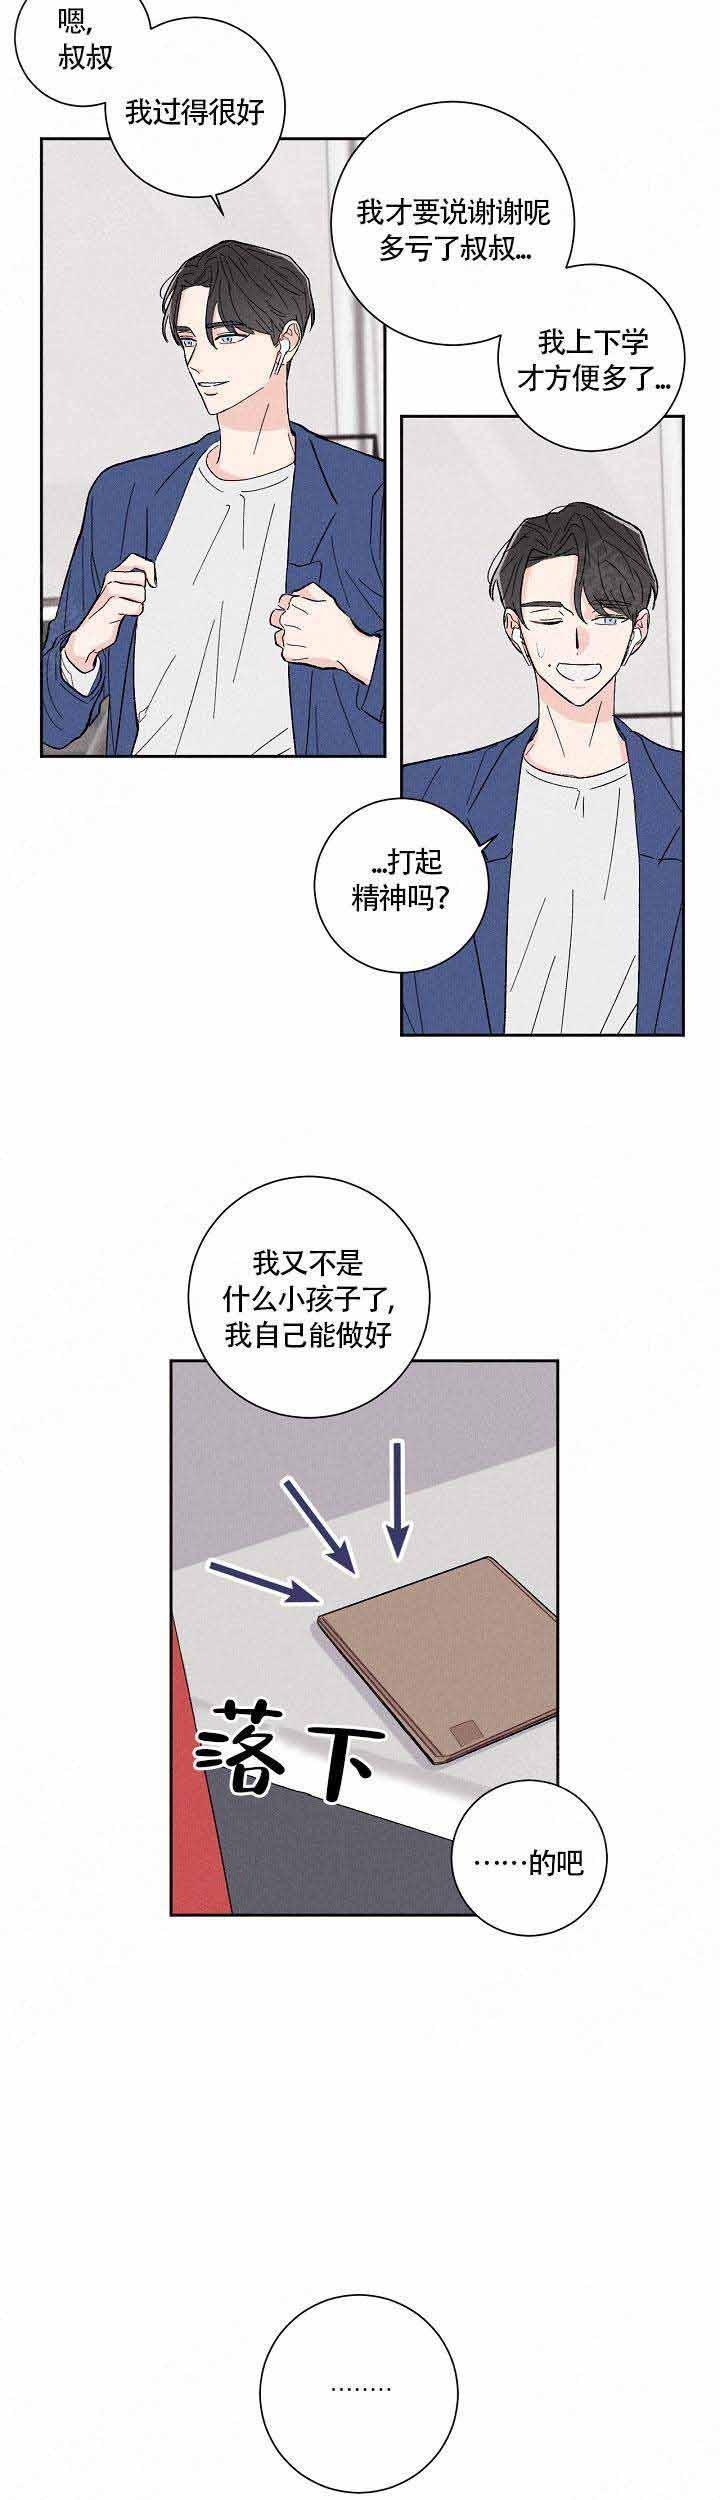 邻居是我的命运吗-漫画下拉式在线免费阅读_完整版汉化连载首发-啵乐漫画